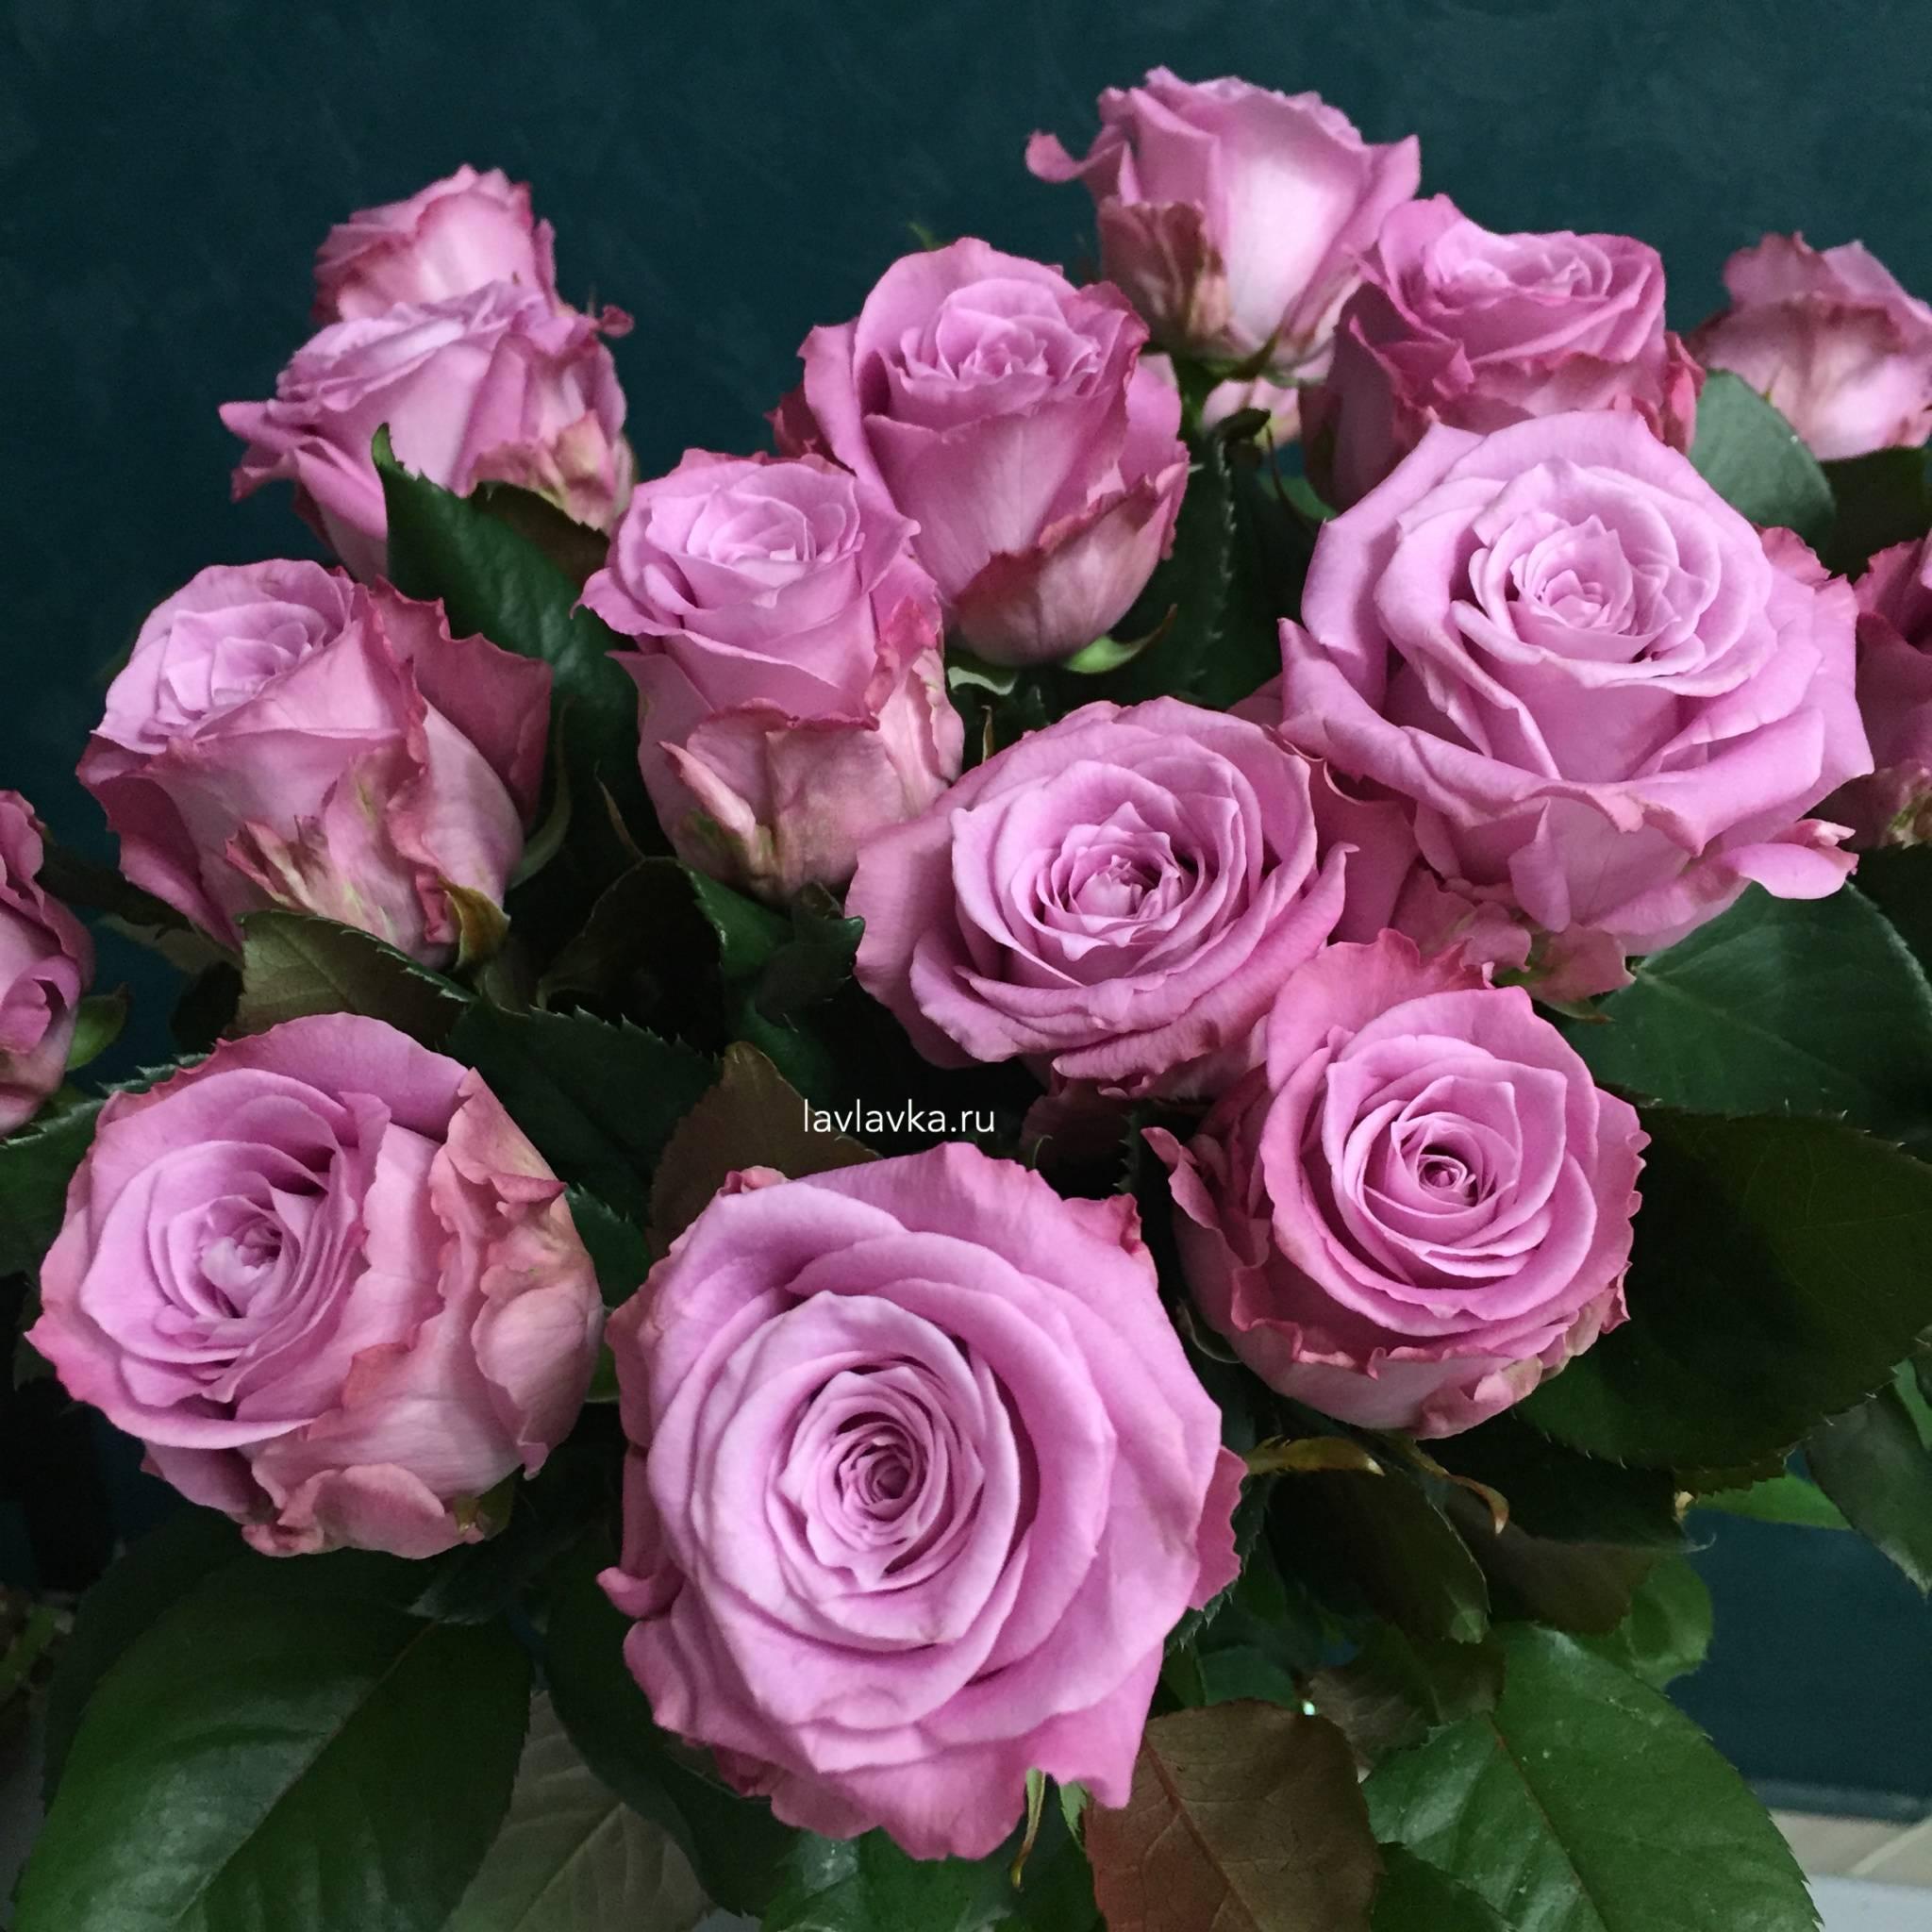 Плетистые розы, цветущие все лето: сорта зимостойкие - выбор, посадка и уход за ними!